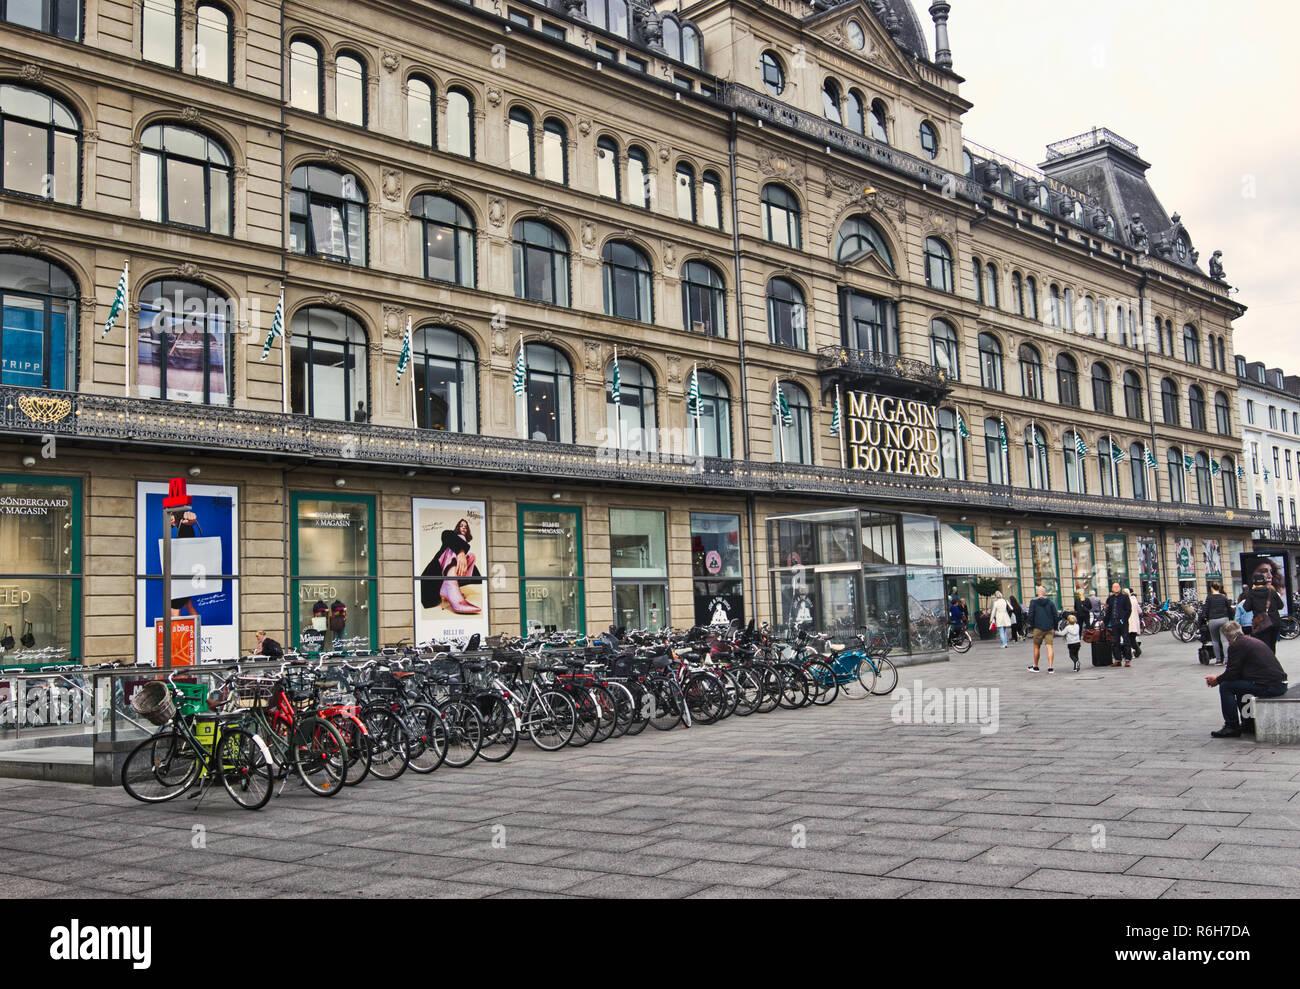 Magasin Du Nord department store, Kongens Nytorv, Copenhagen, Denmark, Scandinavia - Stock Image